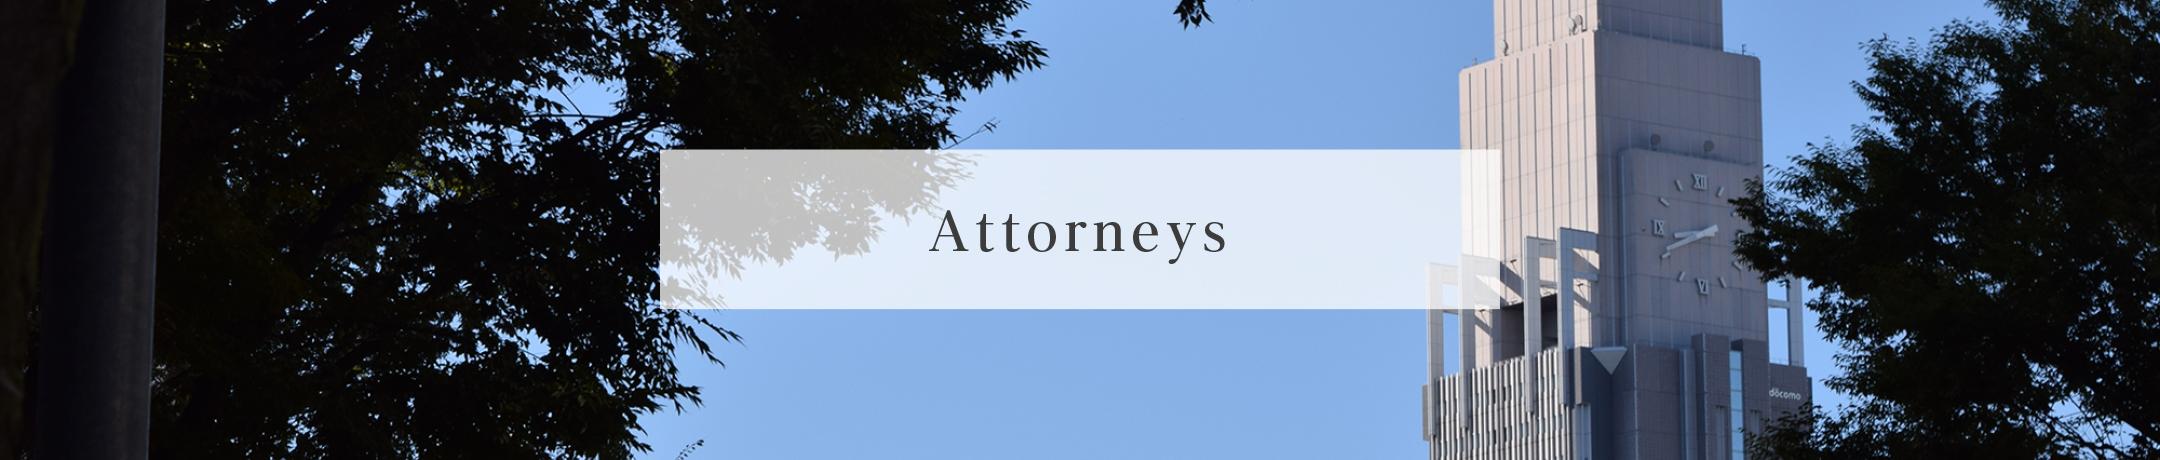 Attorneys